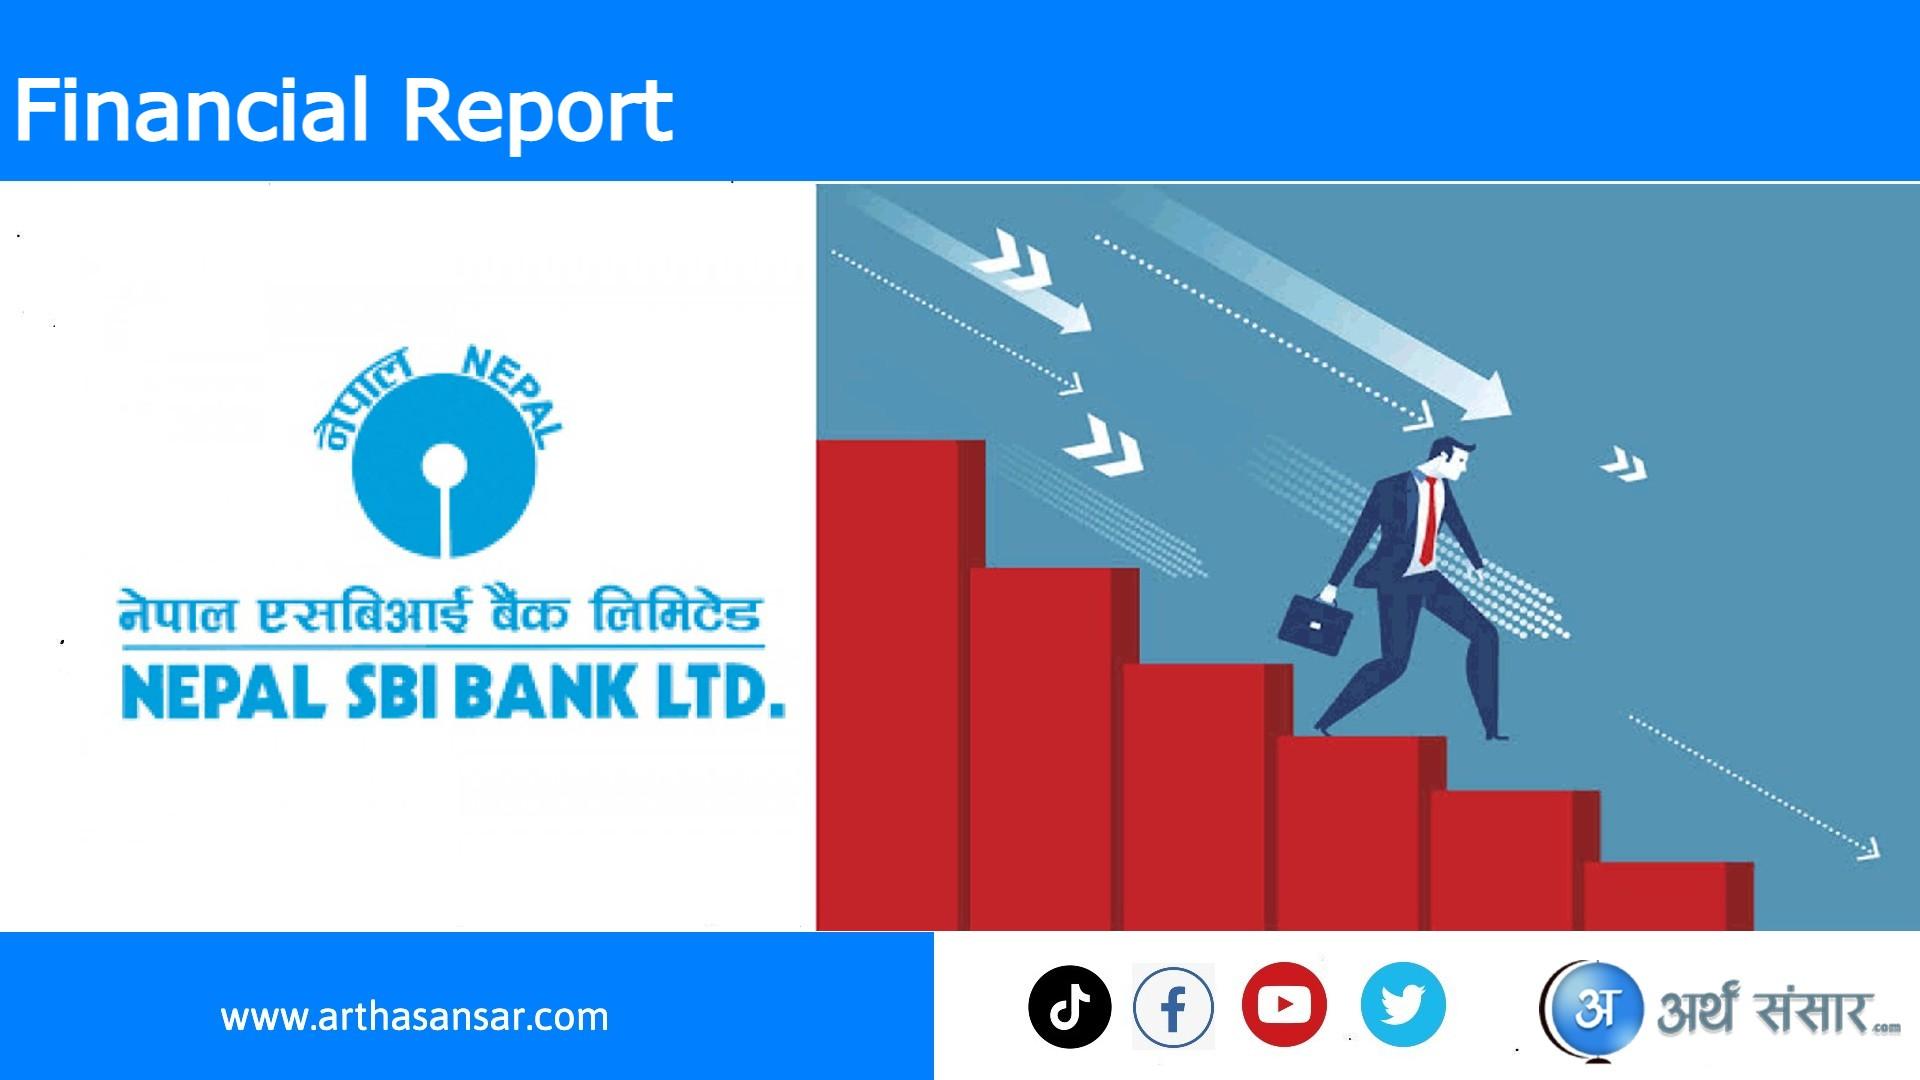 नेपाल एसबिआई बैंकको खुद मुनाफा ३७.७४ प्रतिशतले घट्दा, वितरणयोग्य नाफामा पनि भारी गिरावट